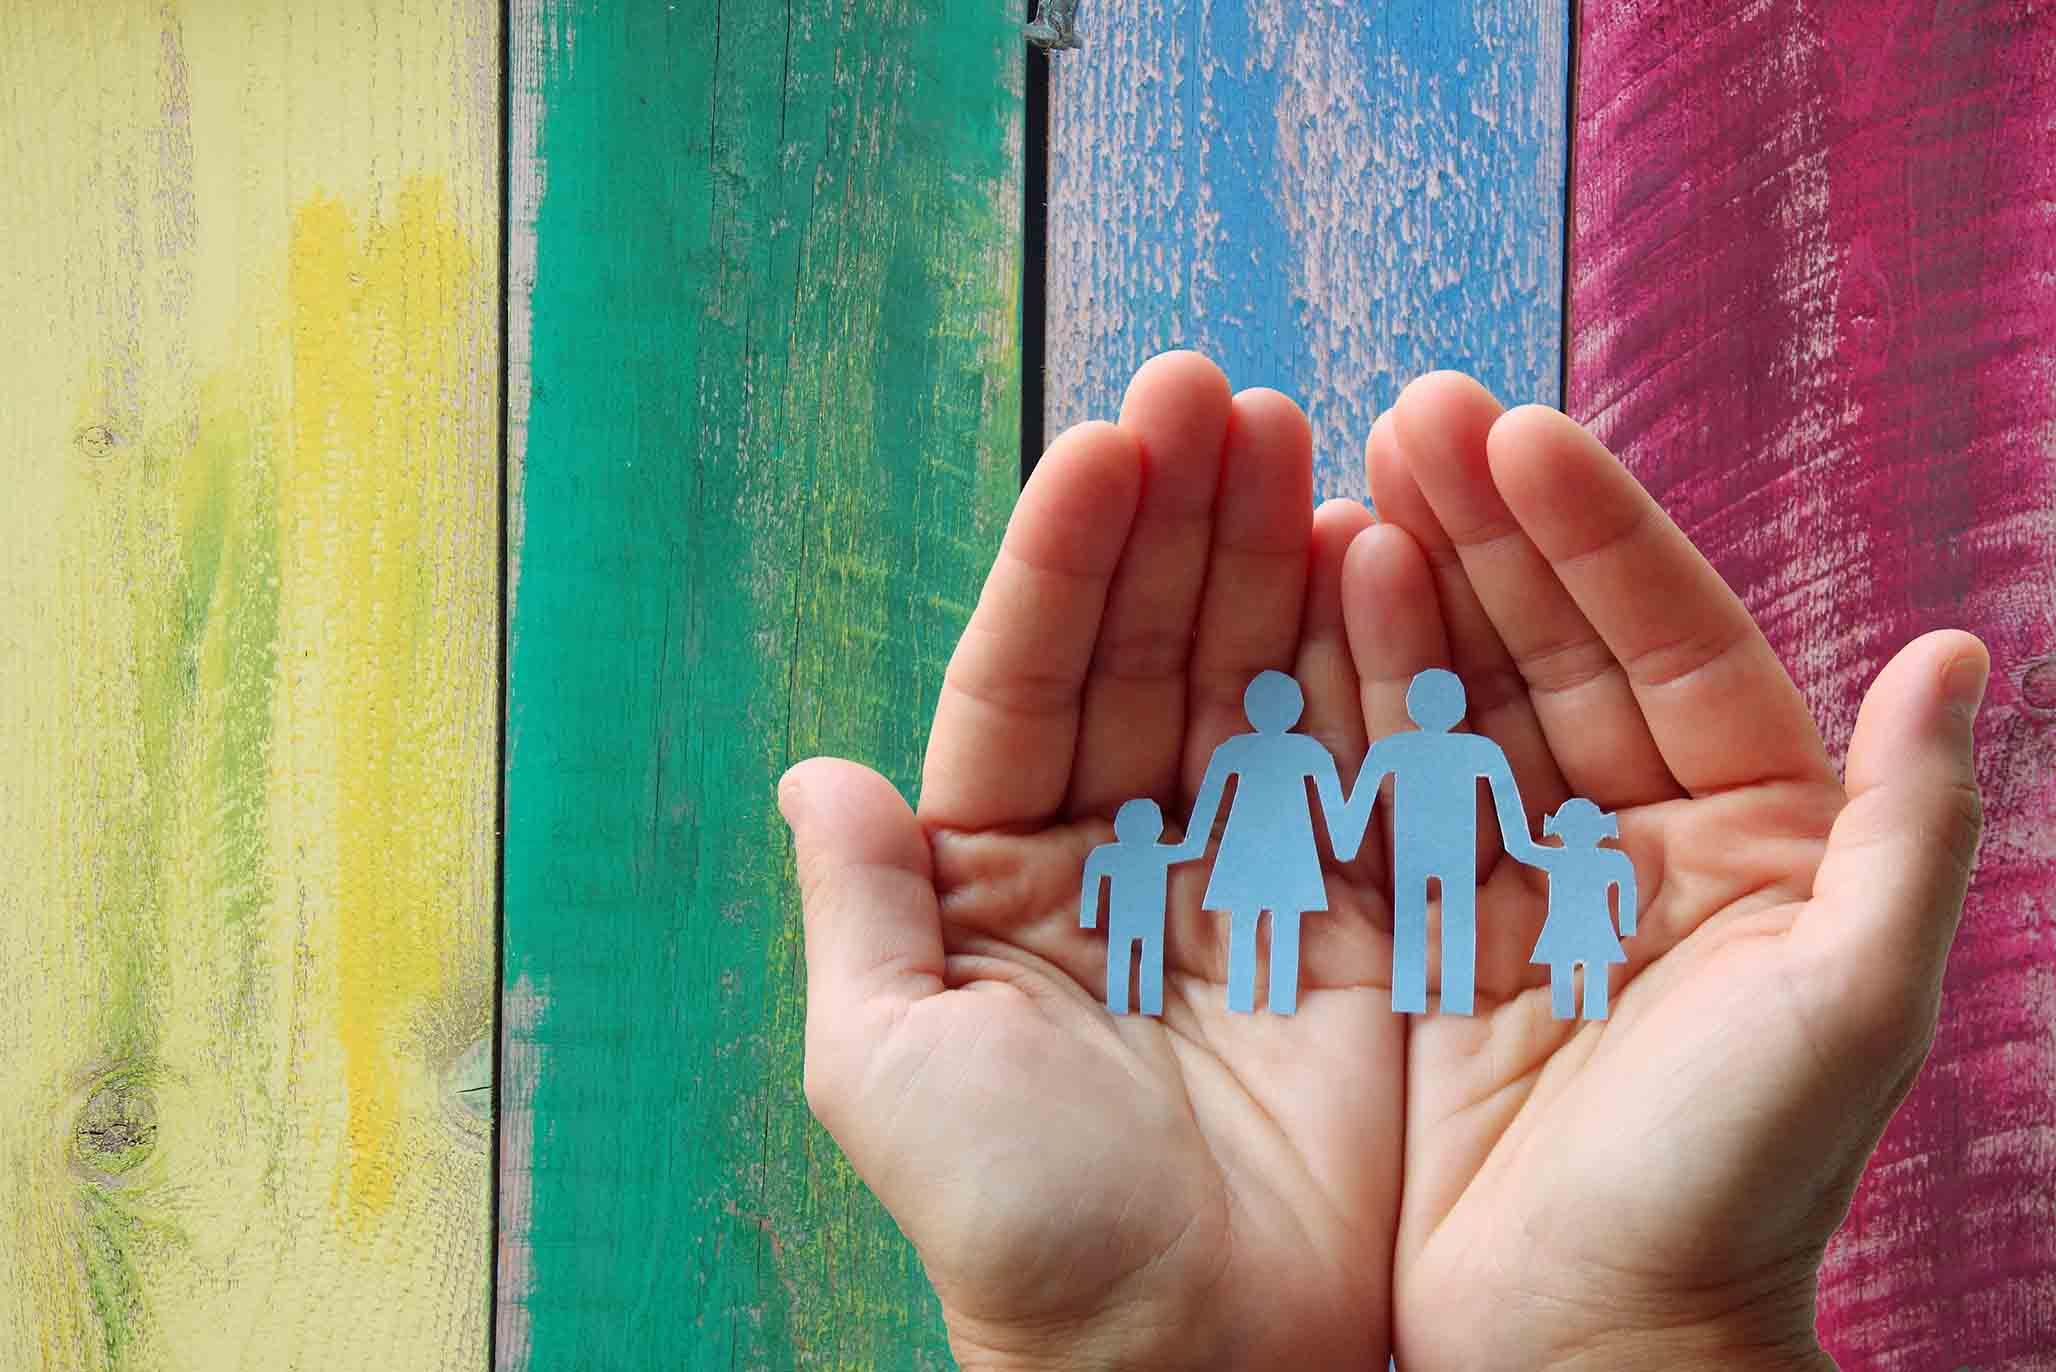 लाइफ इंश्योरेंस पॉलिसियों के विभिन्न प्रकार | Different Types of Life Insurance Plans